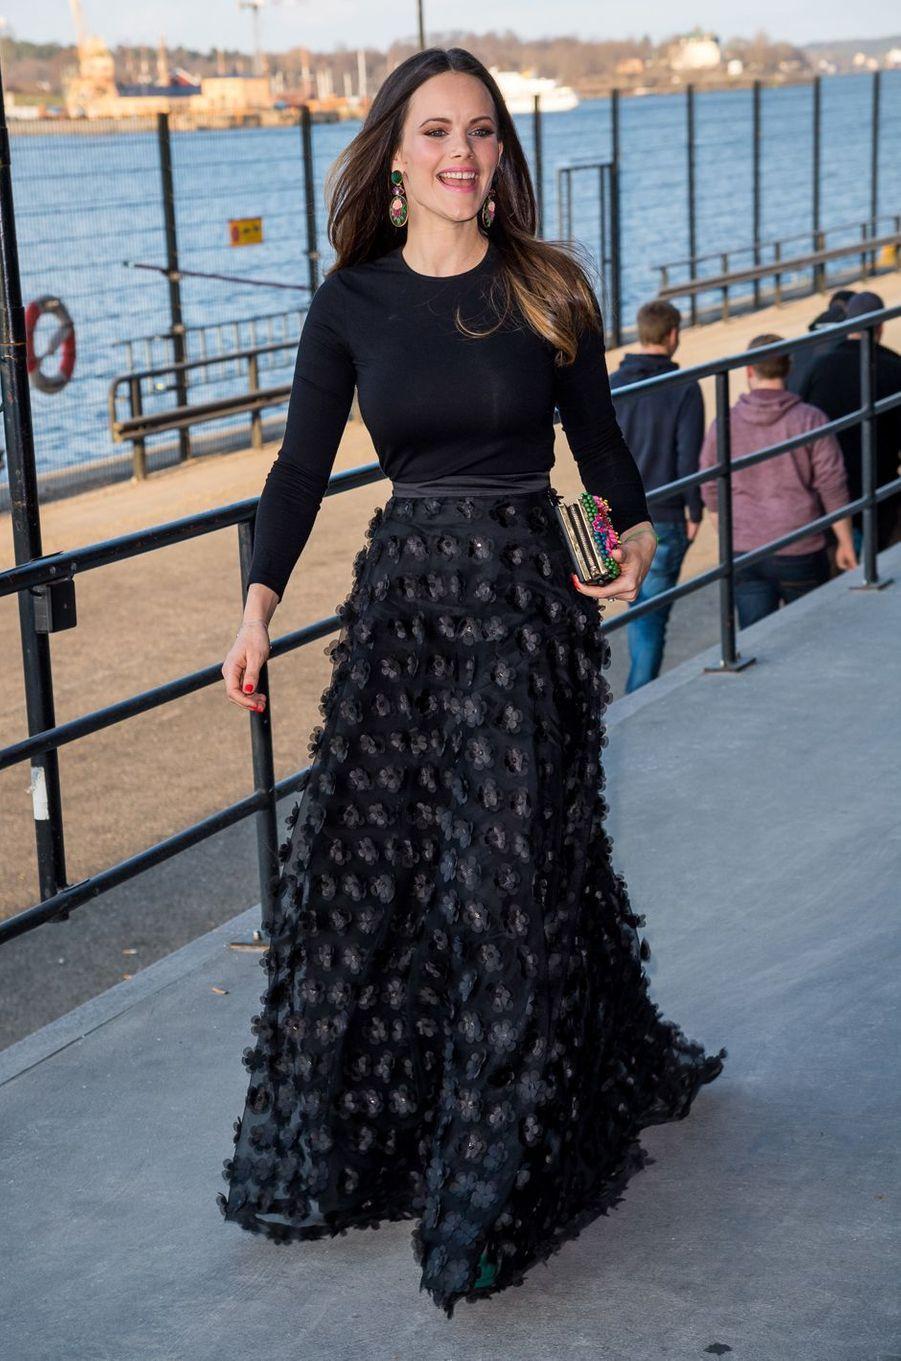 La princesse Sofia de Suède, née Hellqvist, à Stockholm le 17 avril 2018